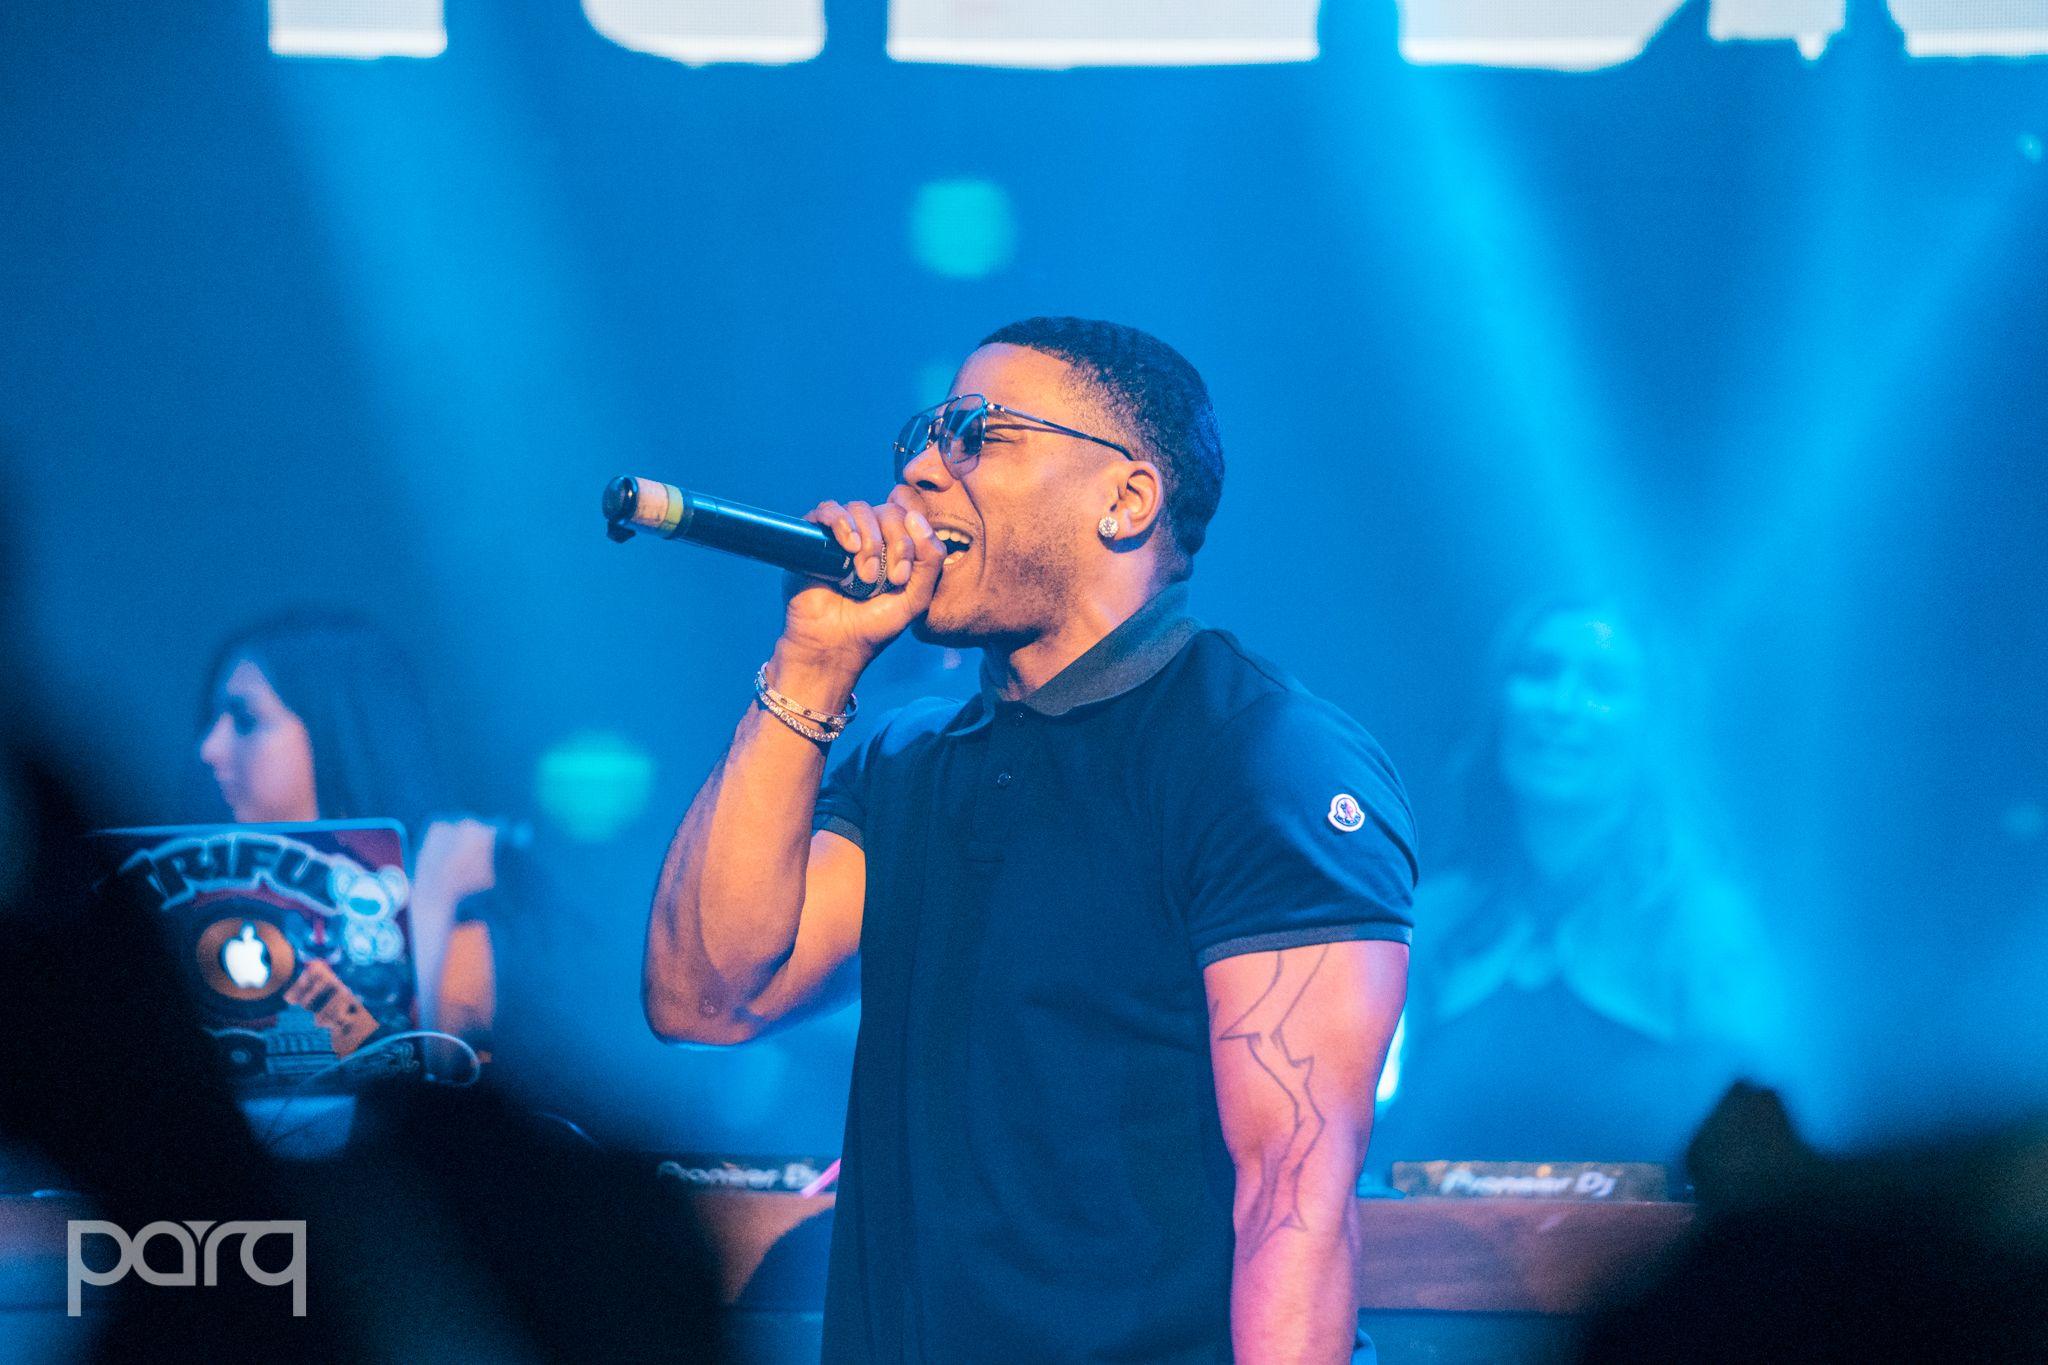 08.31.18 Parq - Nelly-5.jpg